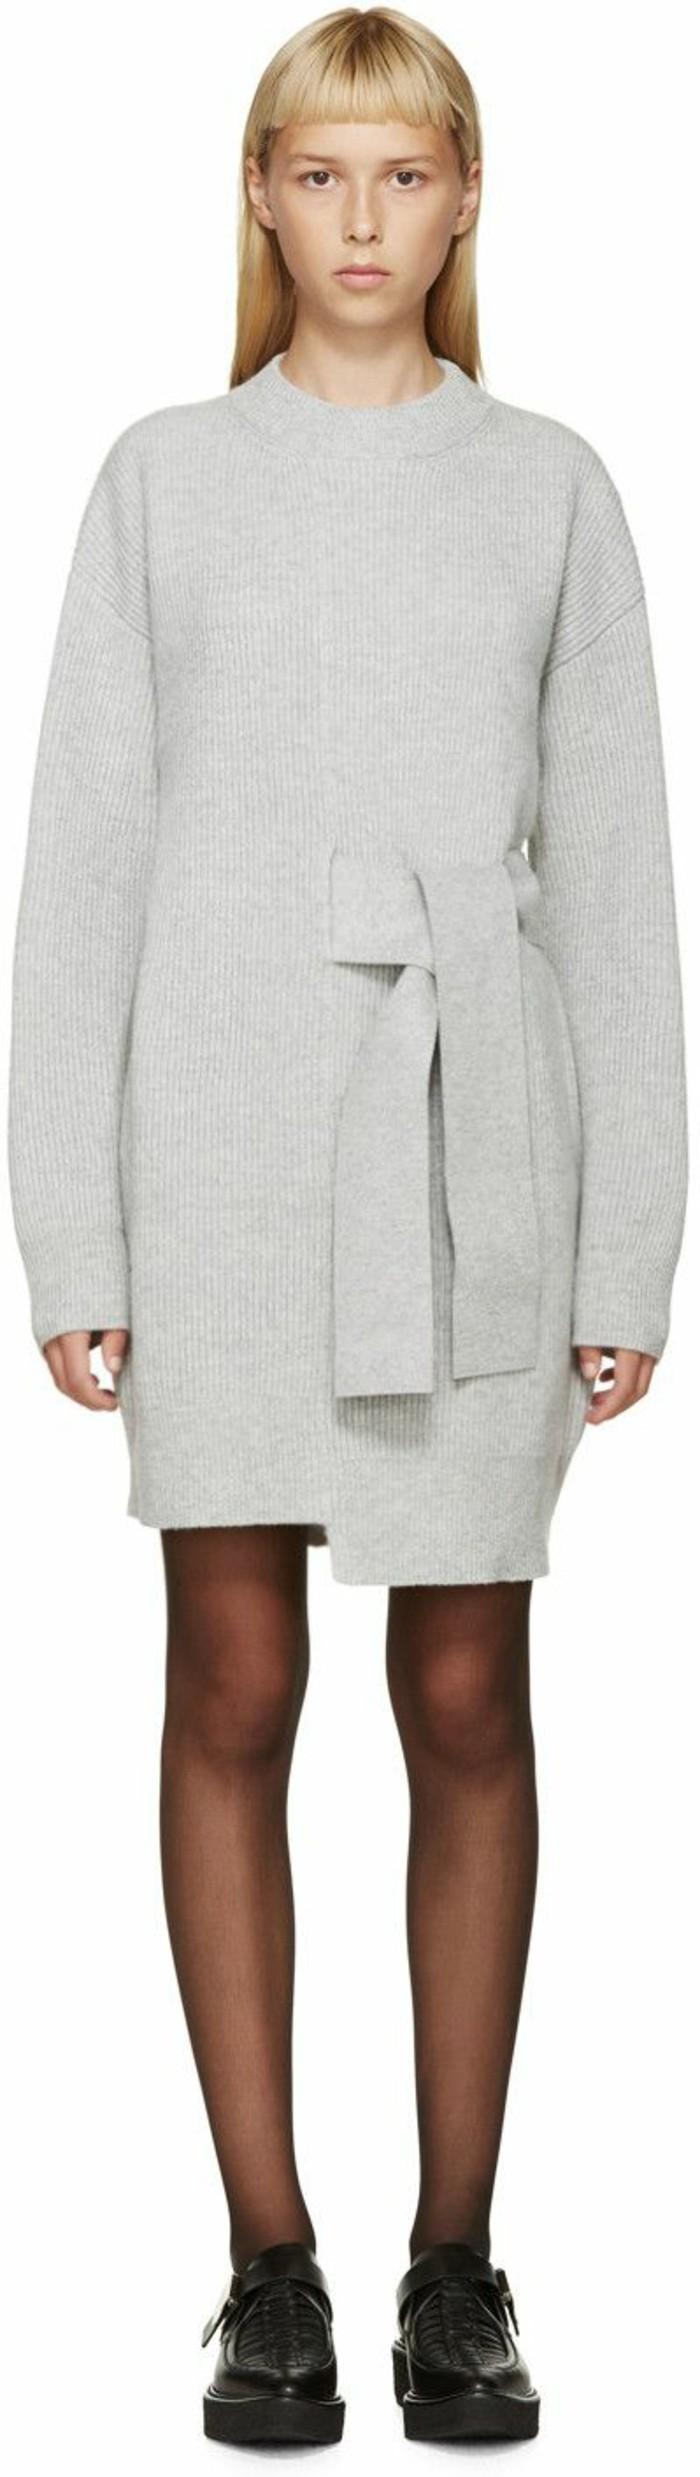 robes-en-laine-blanc-noeud-asymétrique